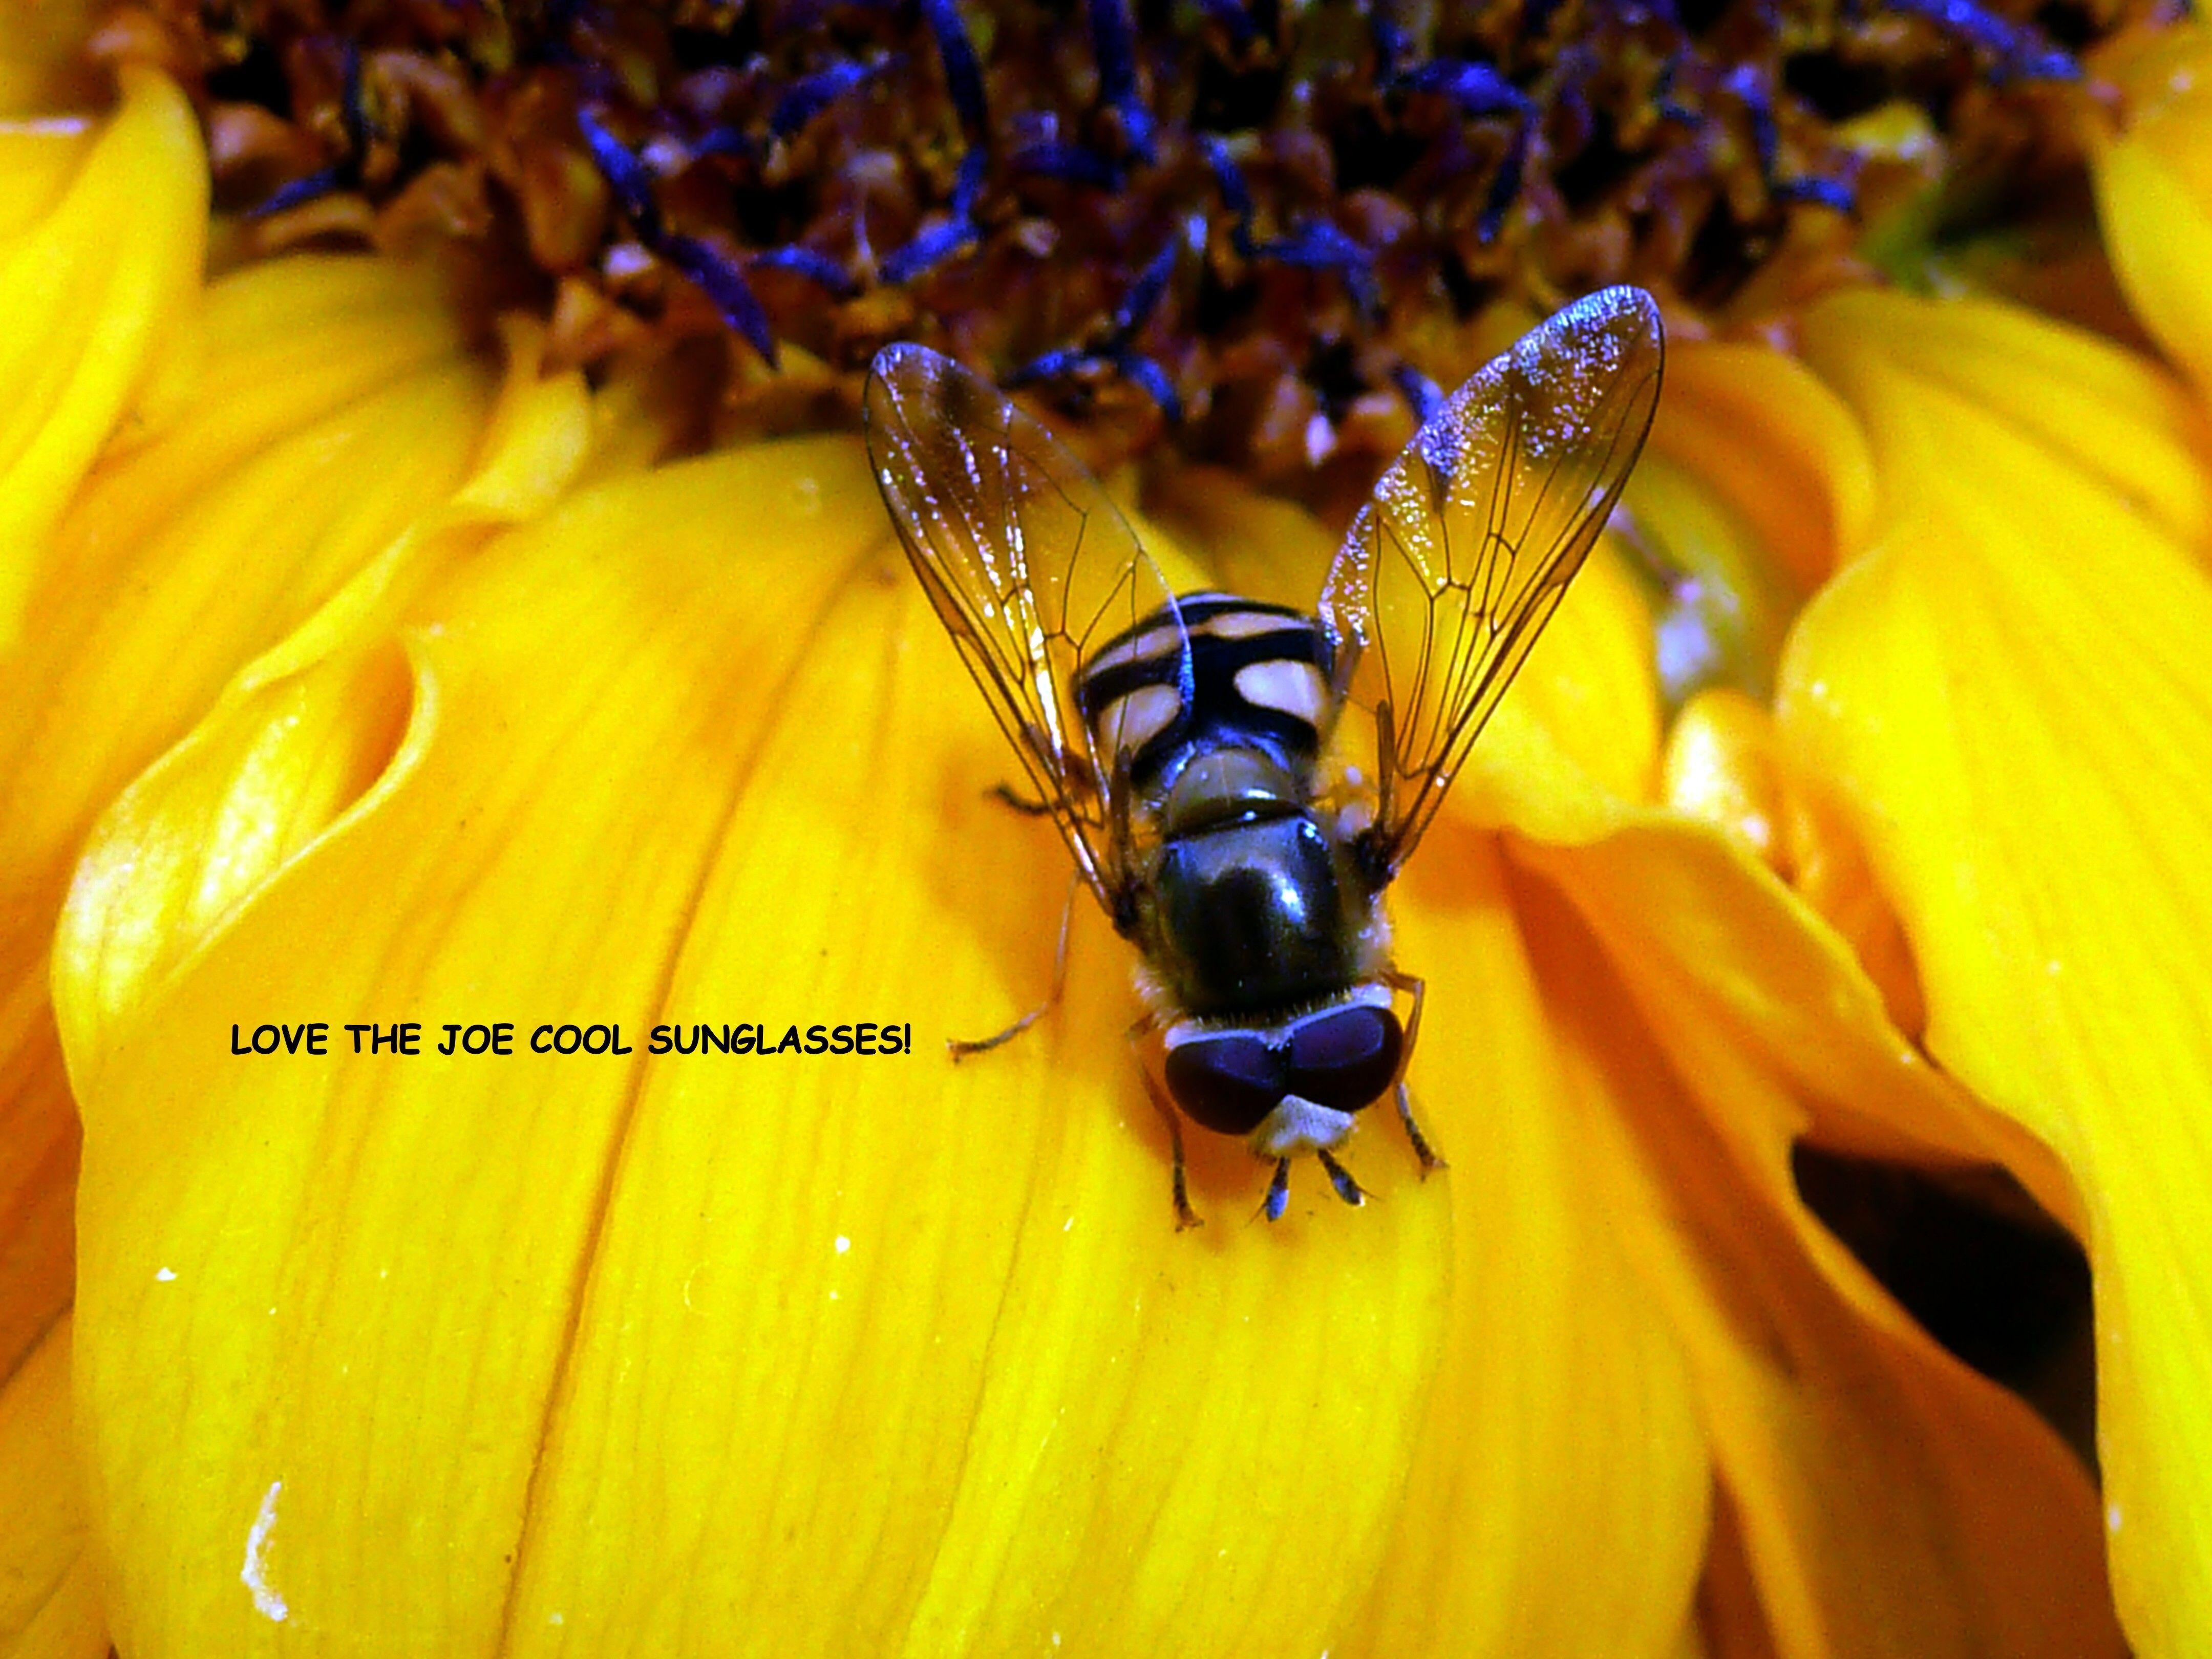 Taken by D.Kennedy - Sweat bee